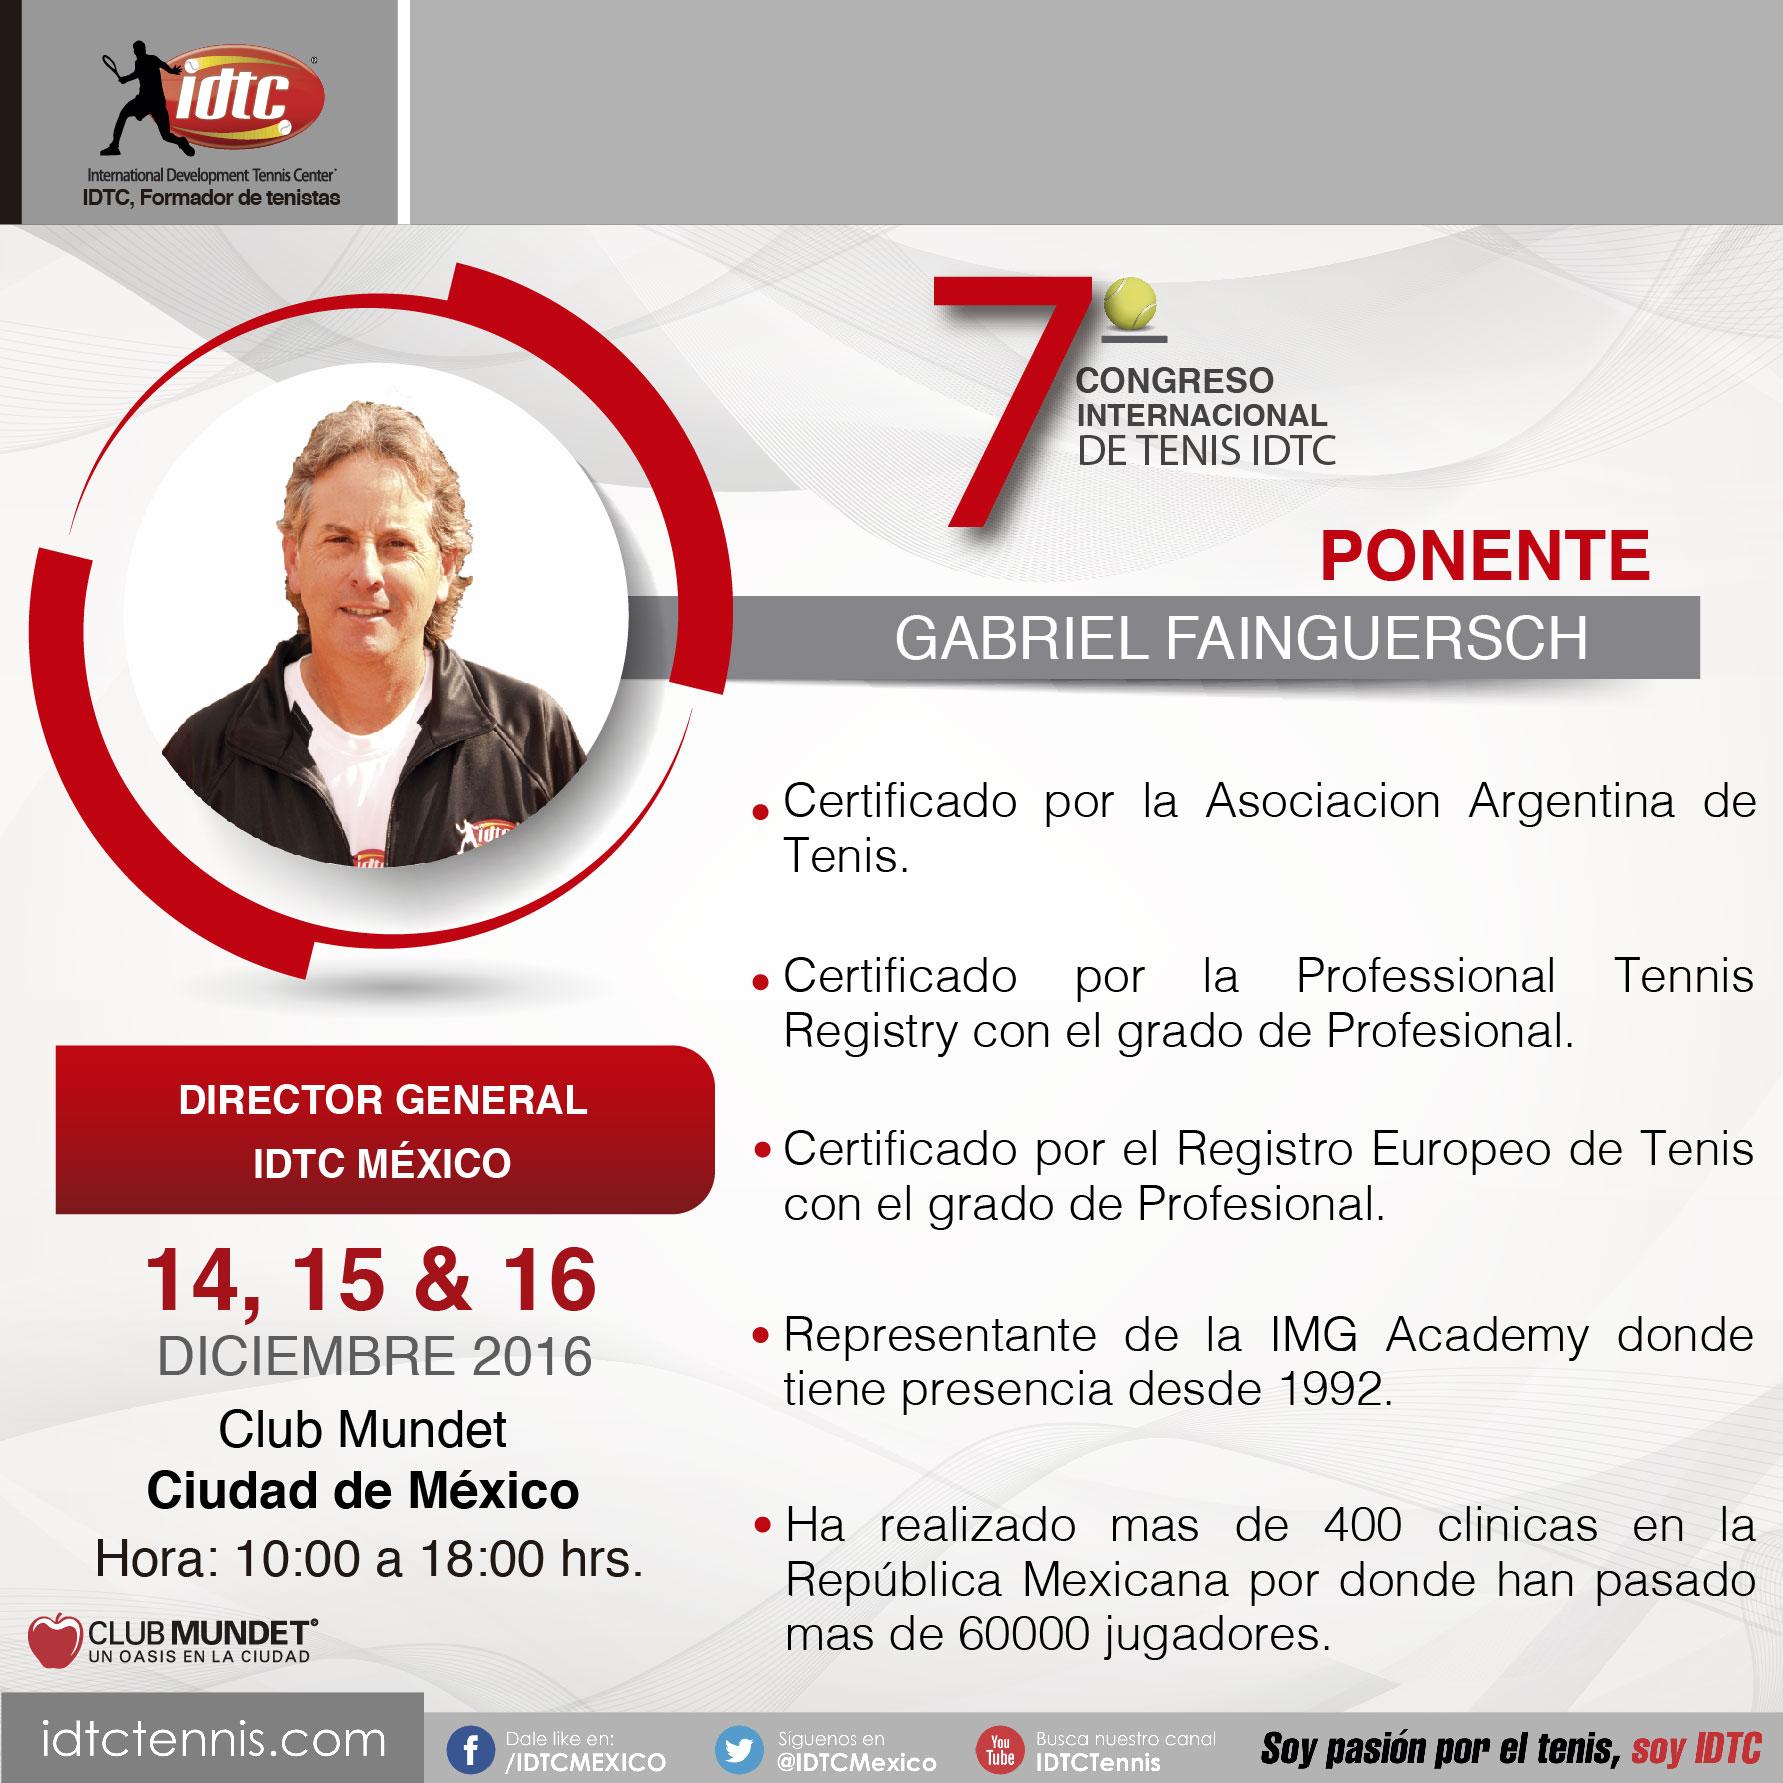 GABRIEL-01.jpg